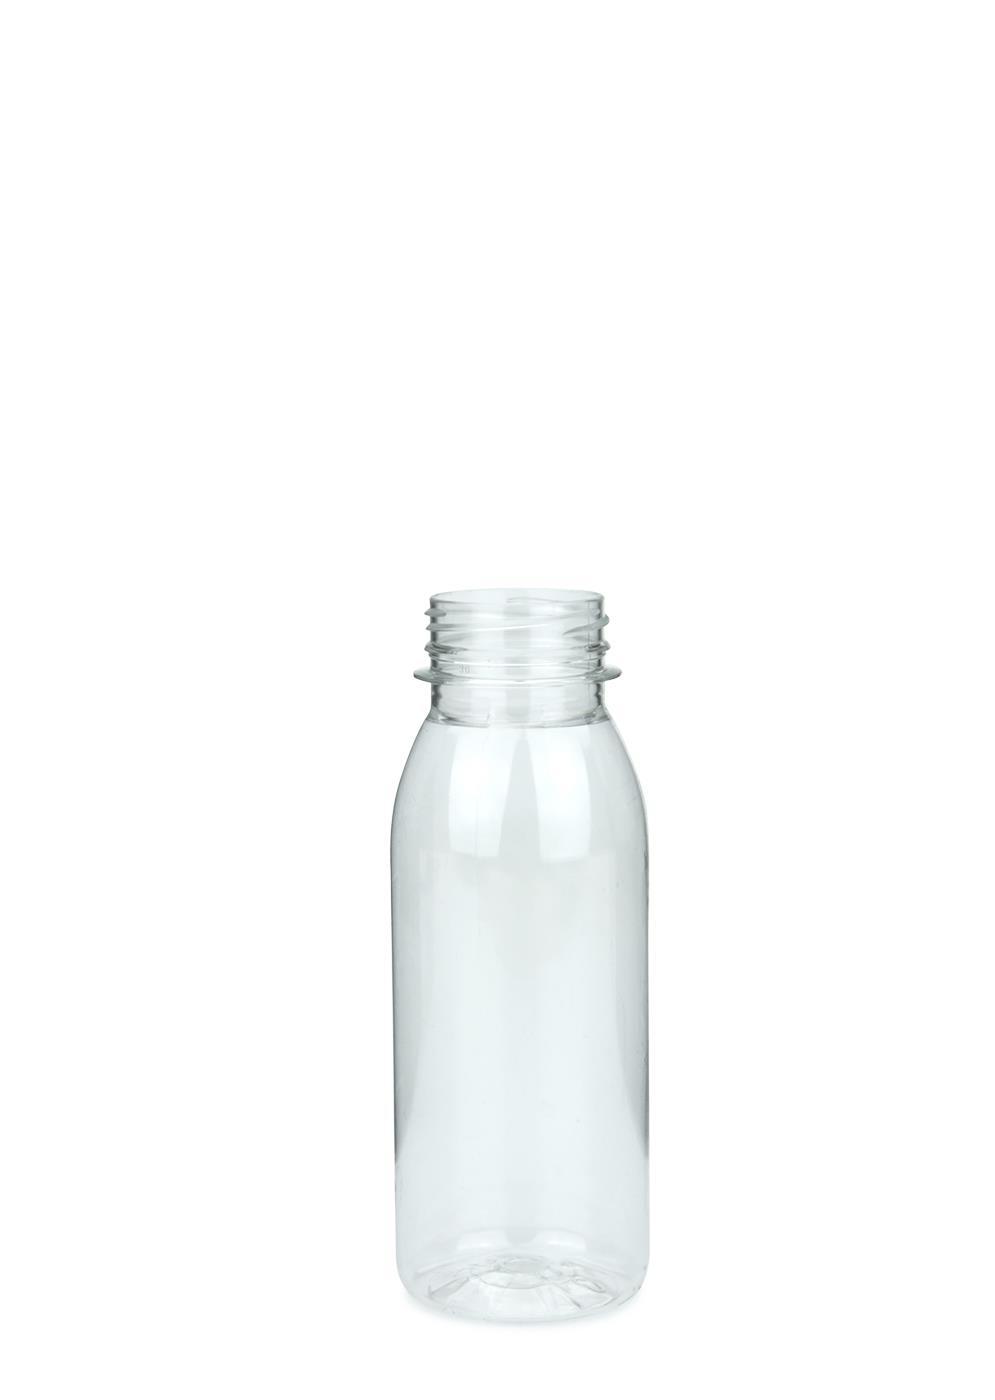 pet smoothie flasche klar 250 ml 38mm ohne verschluss. Black Bedroom Furniture Sets. Home Design Ideas